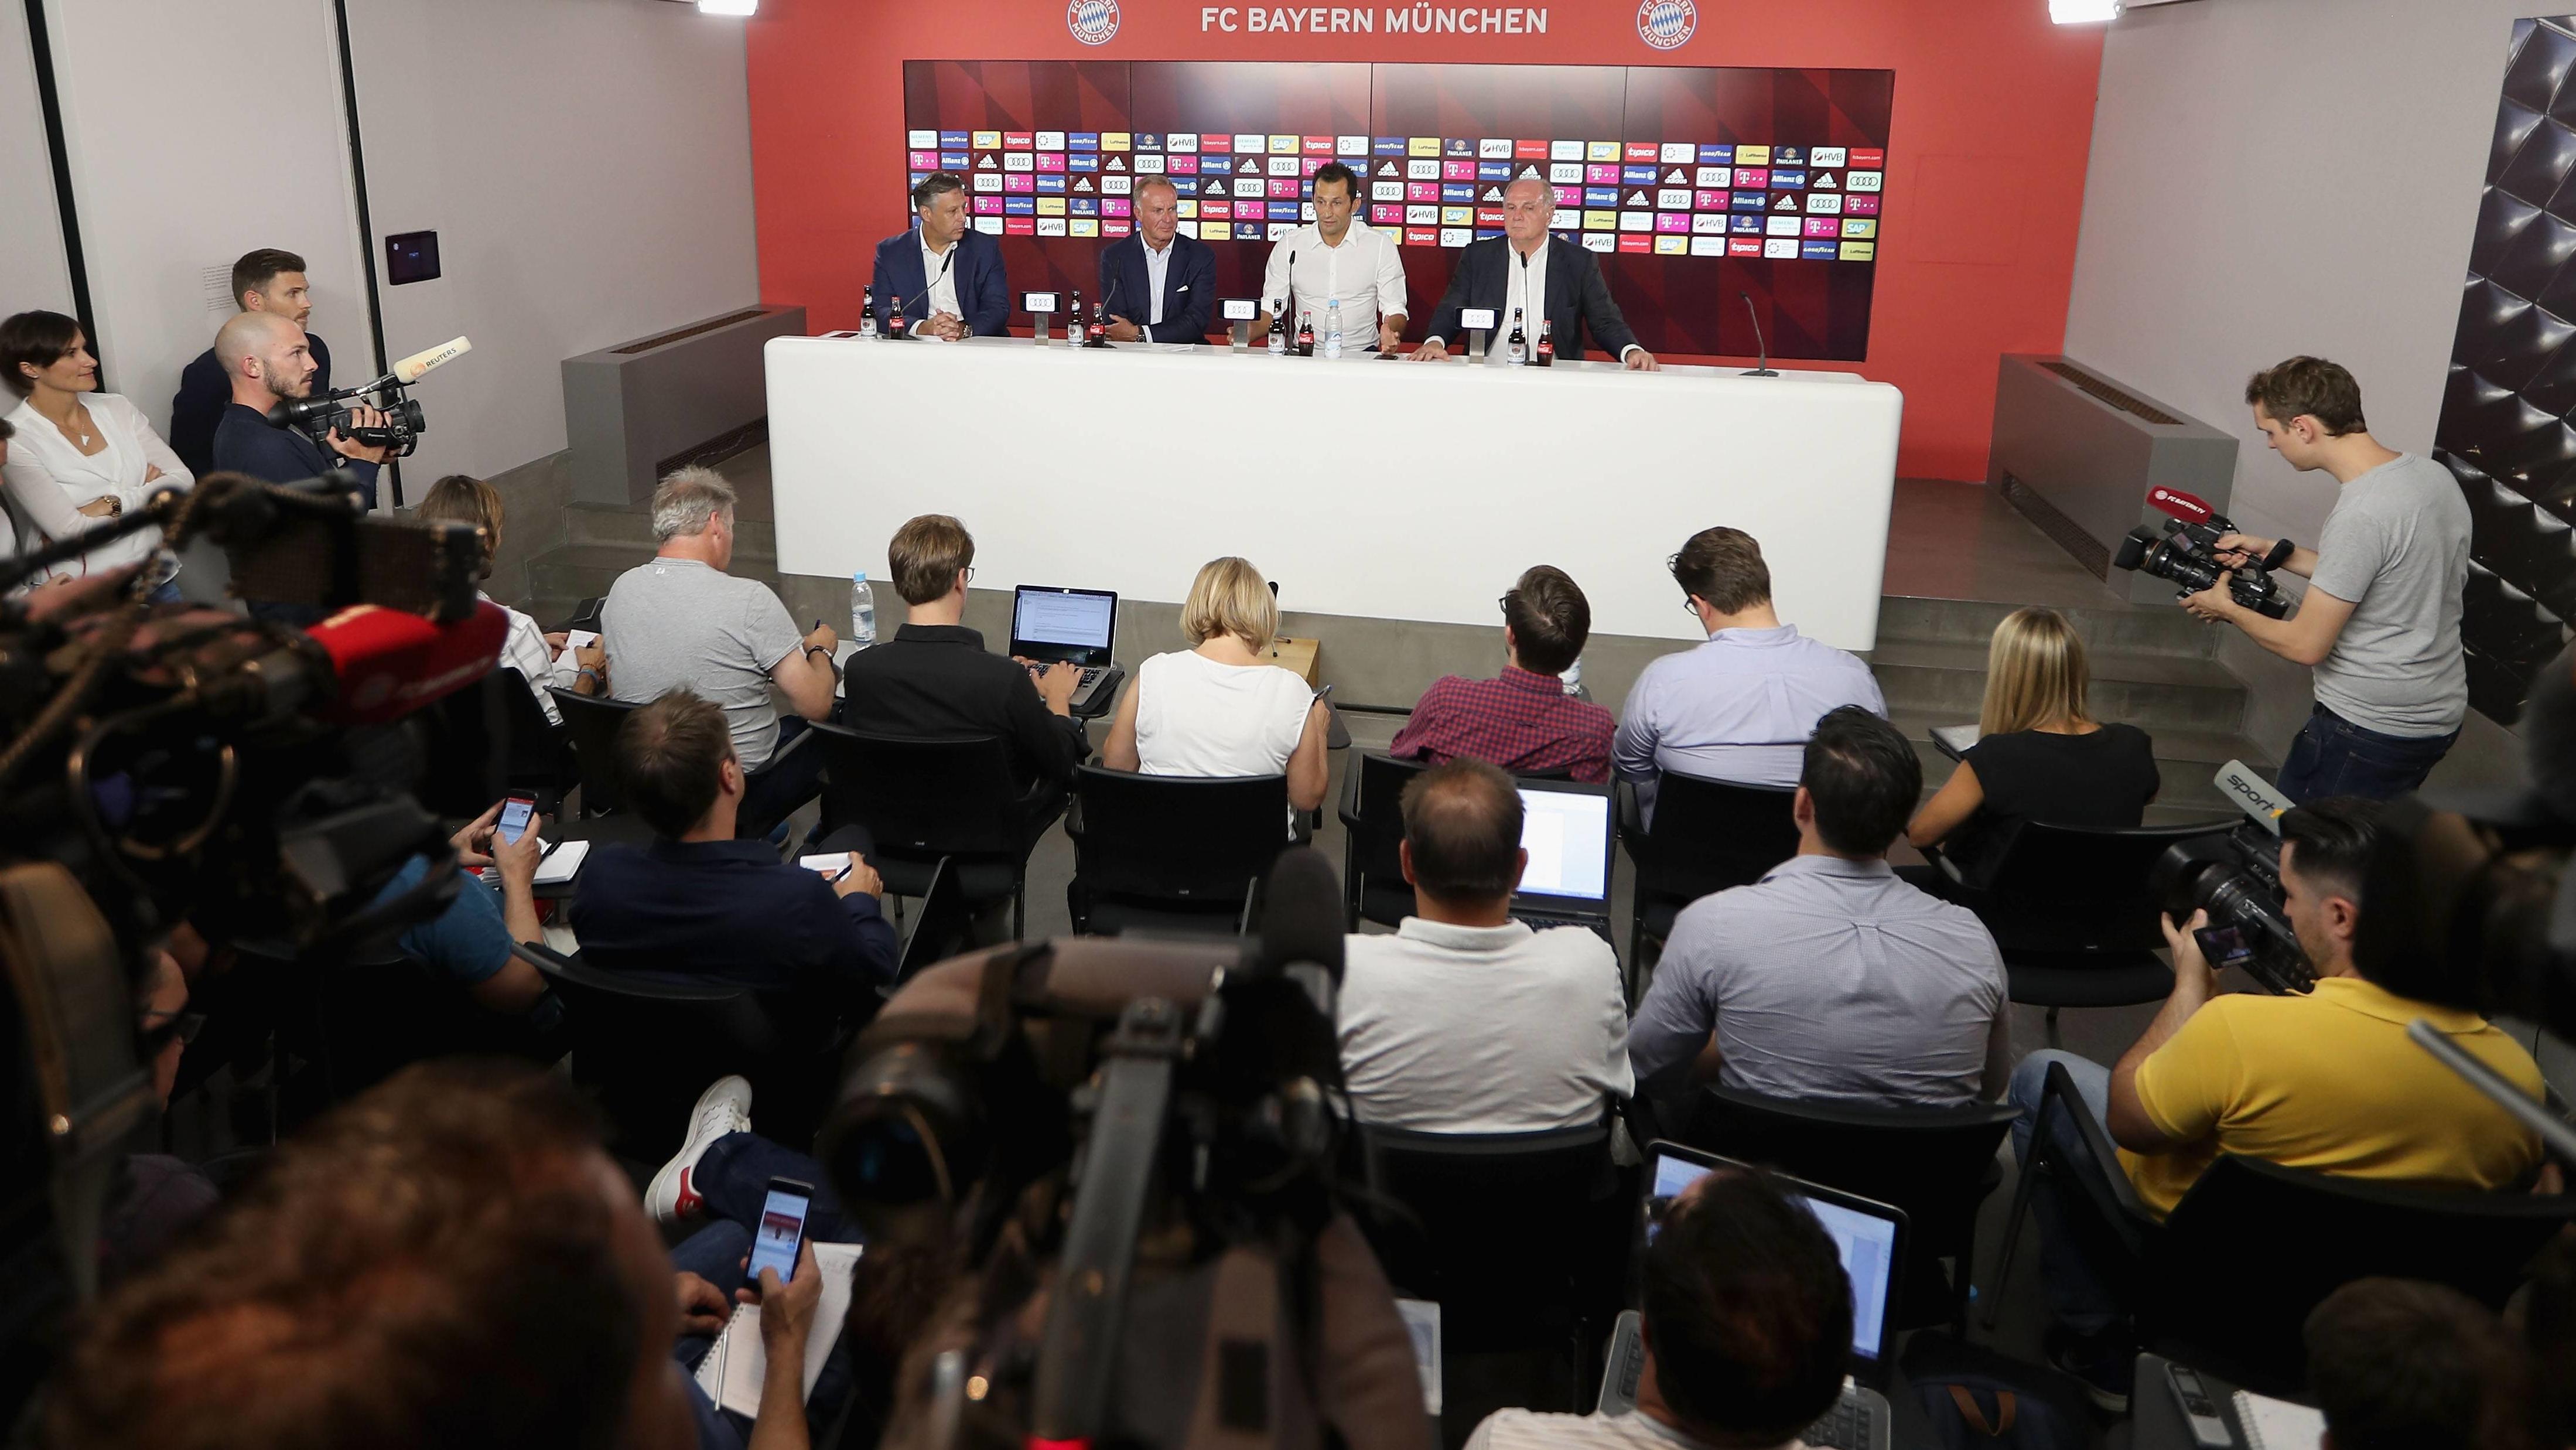 Karl-Heinz Rummenigge, Hasan Salihamidzic und Uli Hoeneß (von links) auf einer Pressekonferenz des FC Bayern München (Archivfoto)